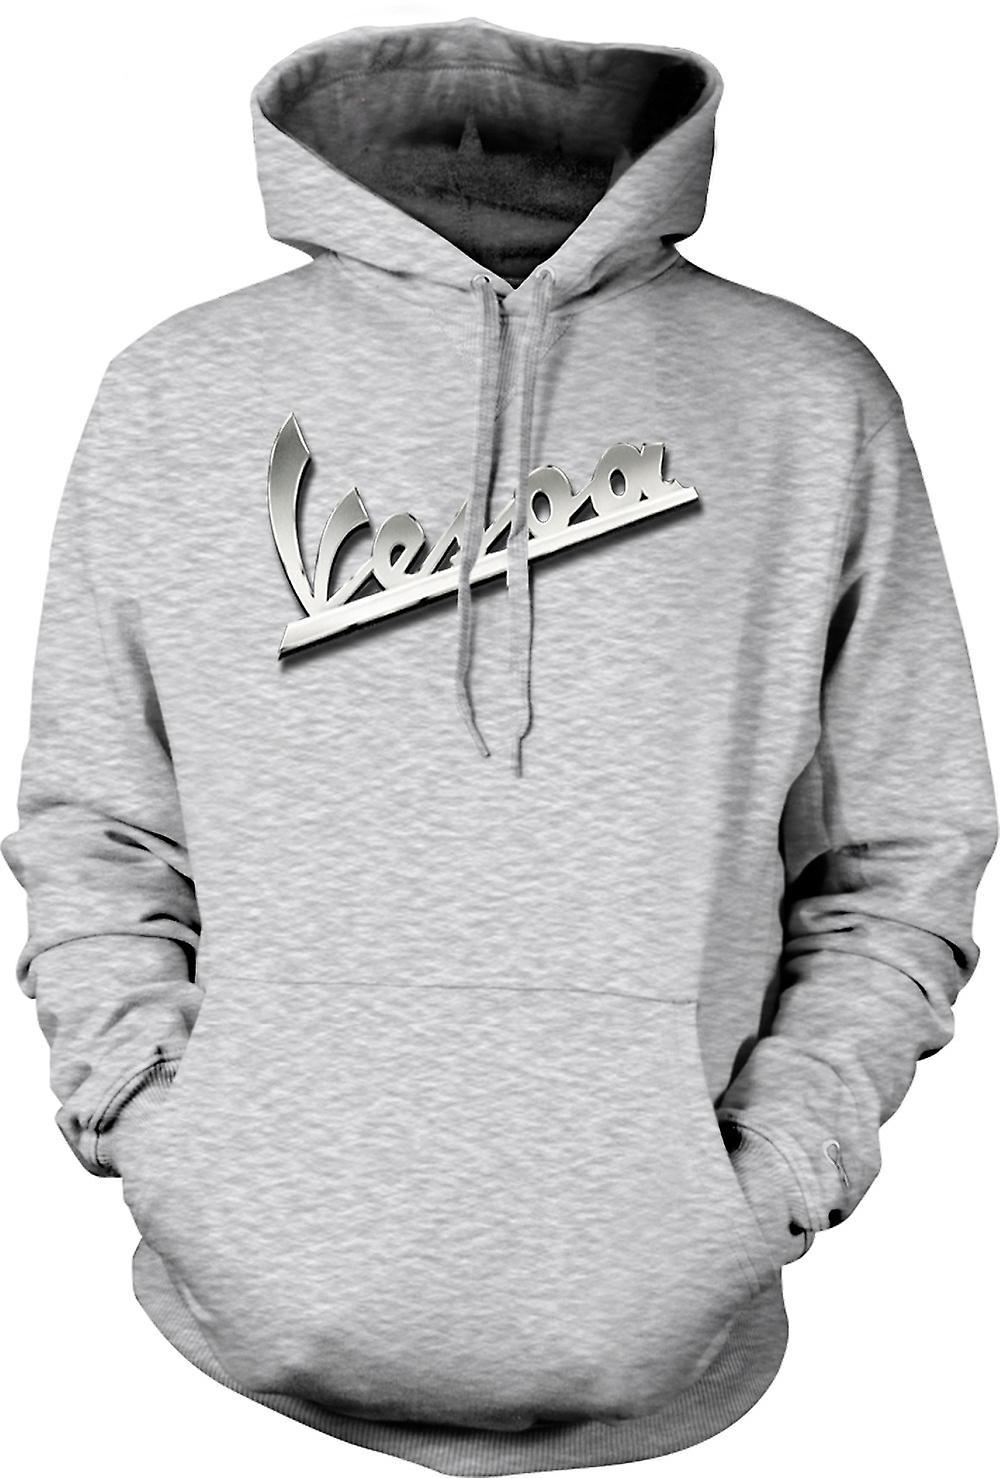 Felpa con cappuccio uomo - Vespa - Logo - Mod - Scooter